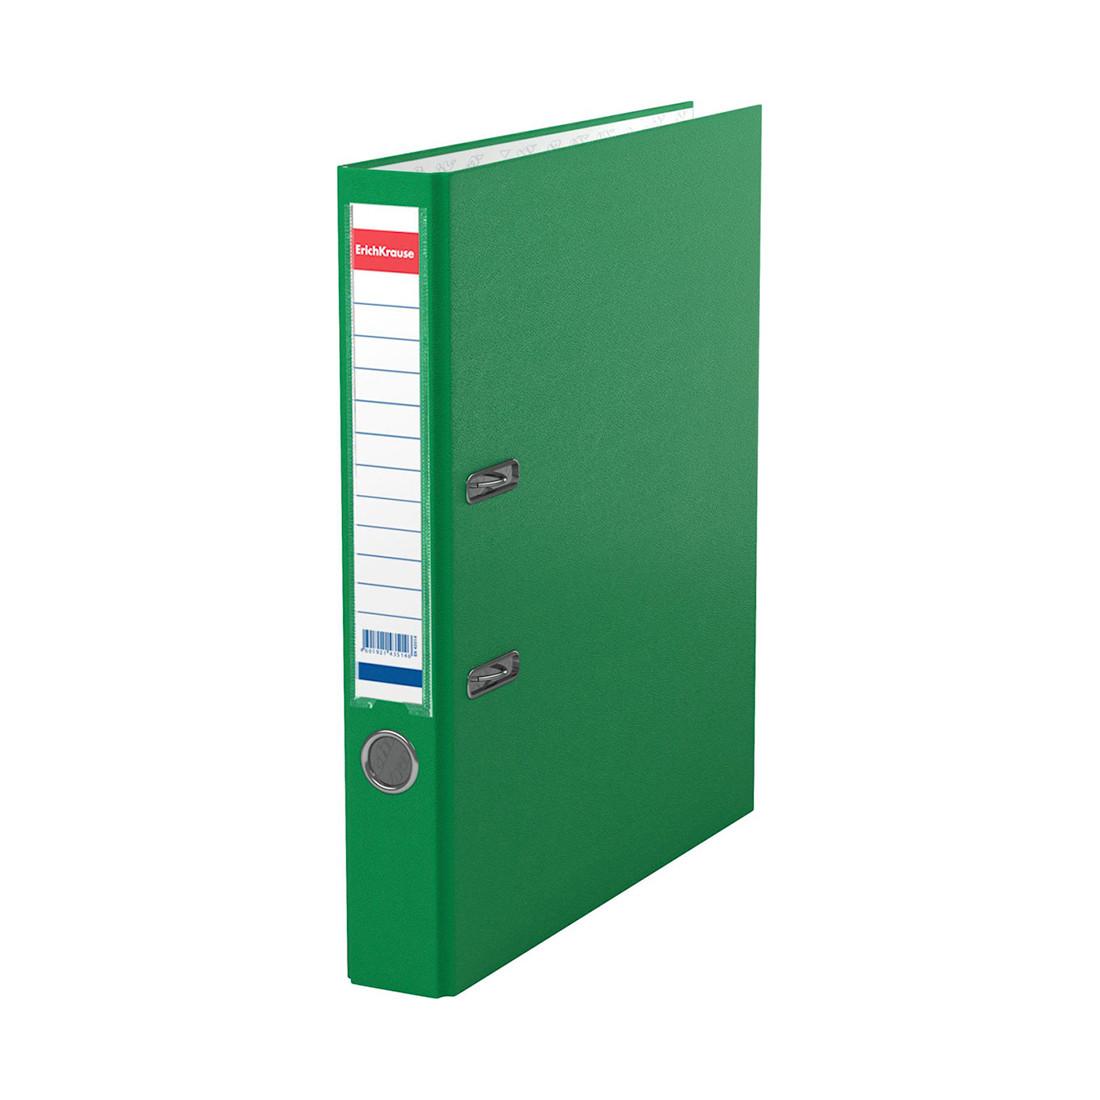 Папка–регистратор с арочным механизмом ErichKrause Granite (50 мм, А4, Зеленый)